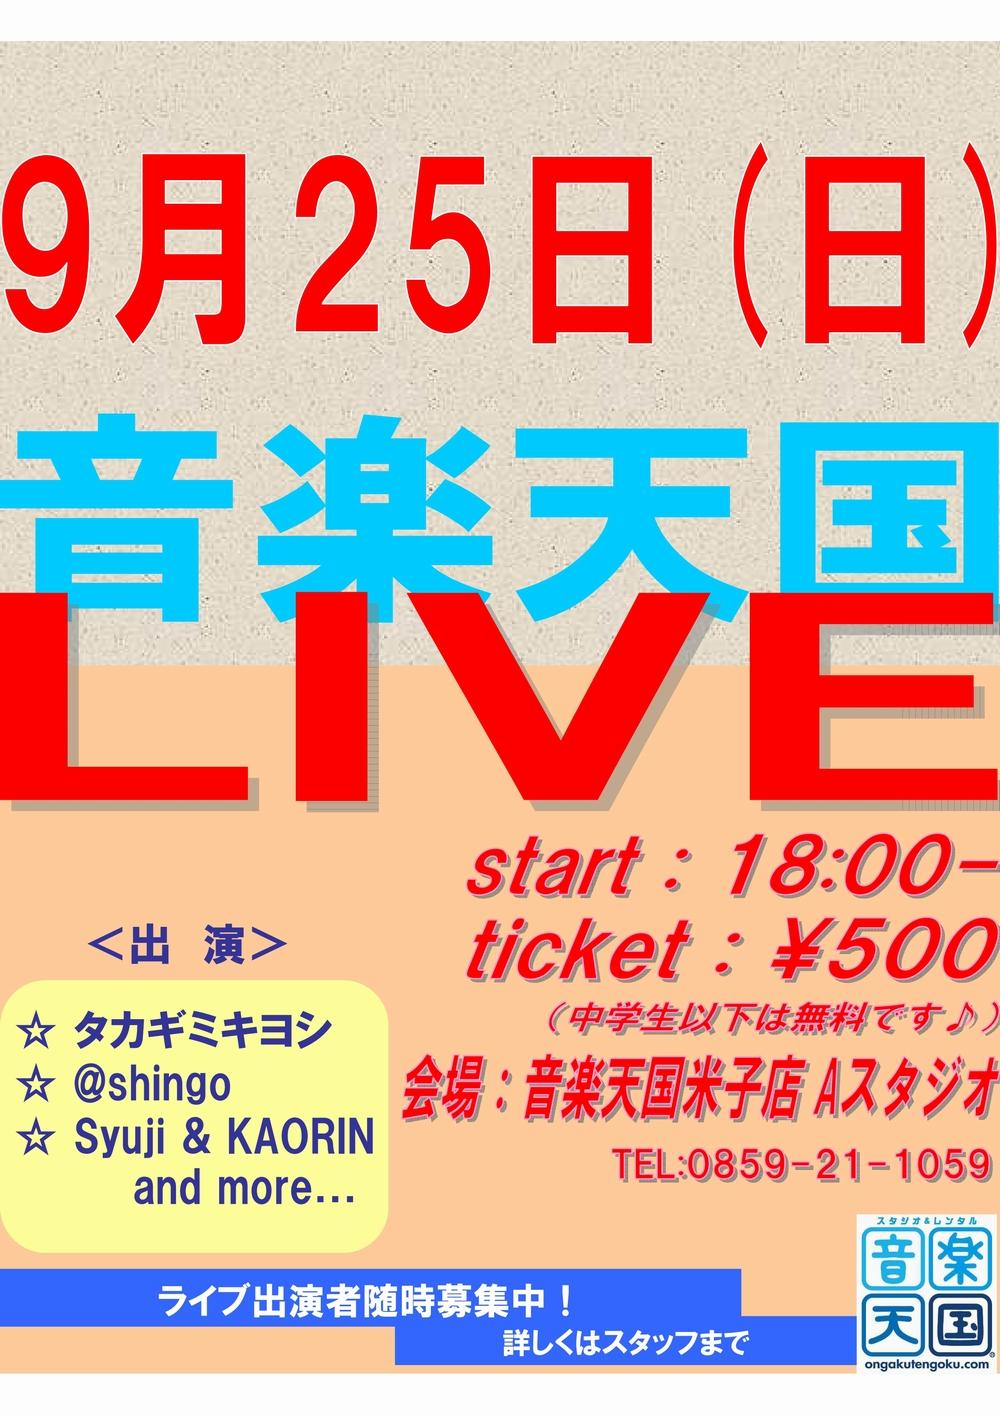 【スタジオライブ】音楽天国・米子FS店9月25日(日)開催